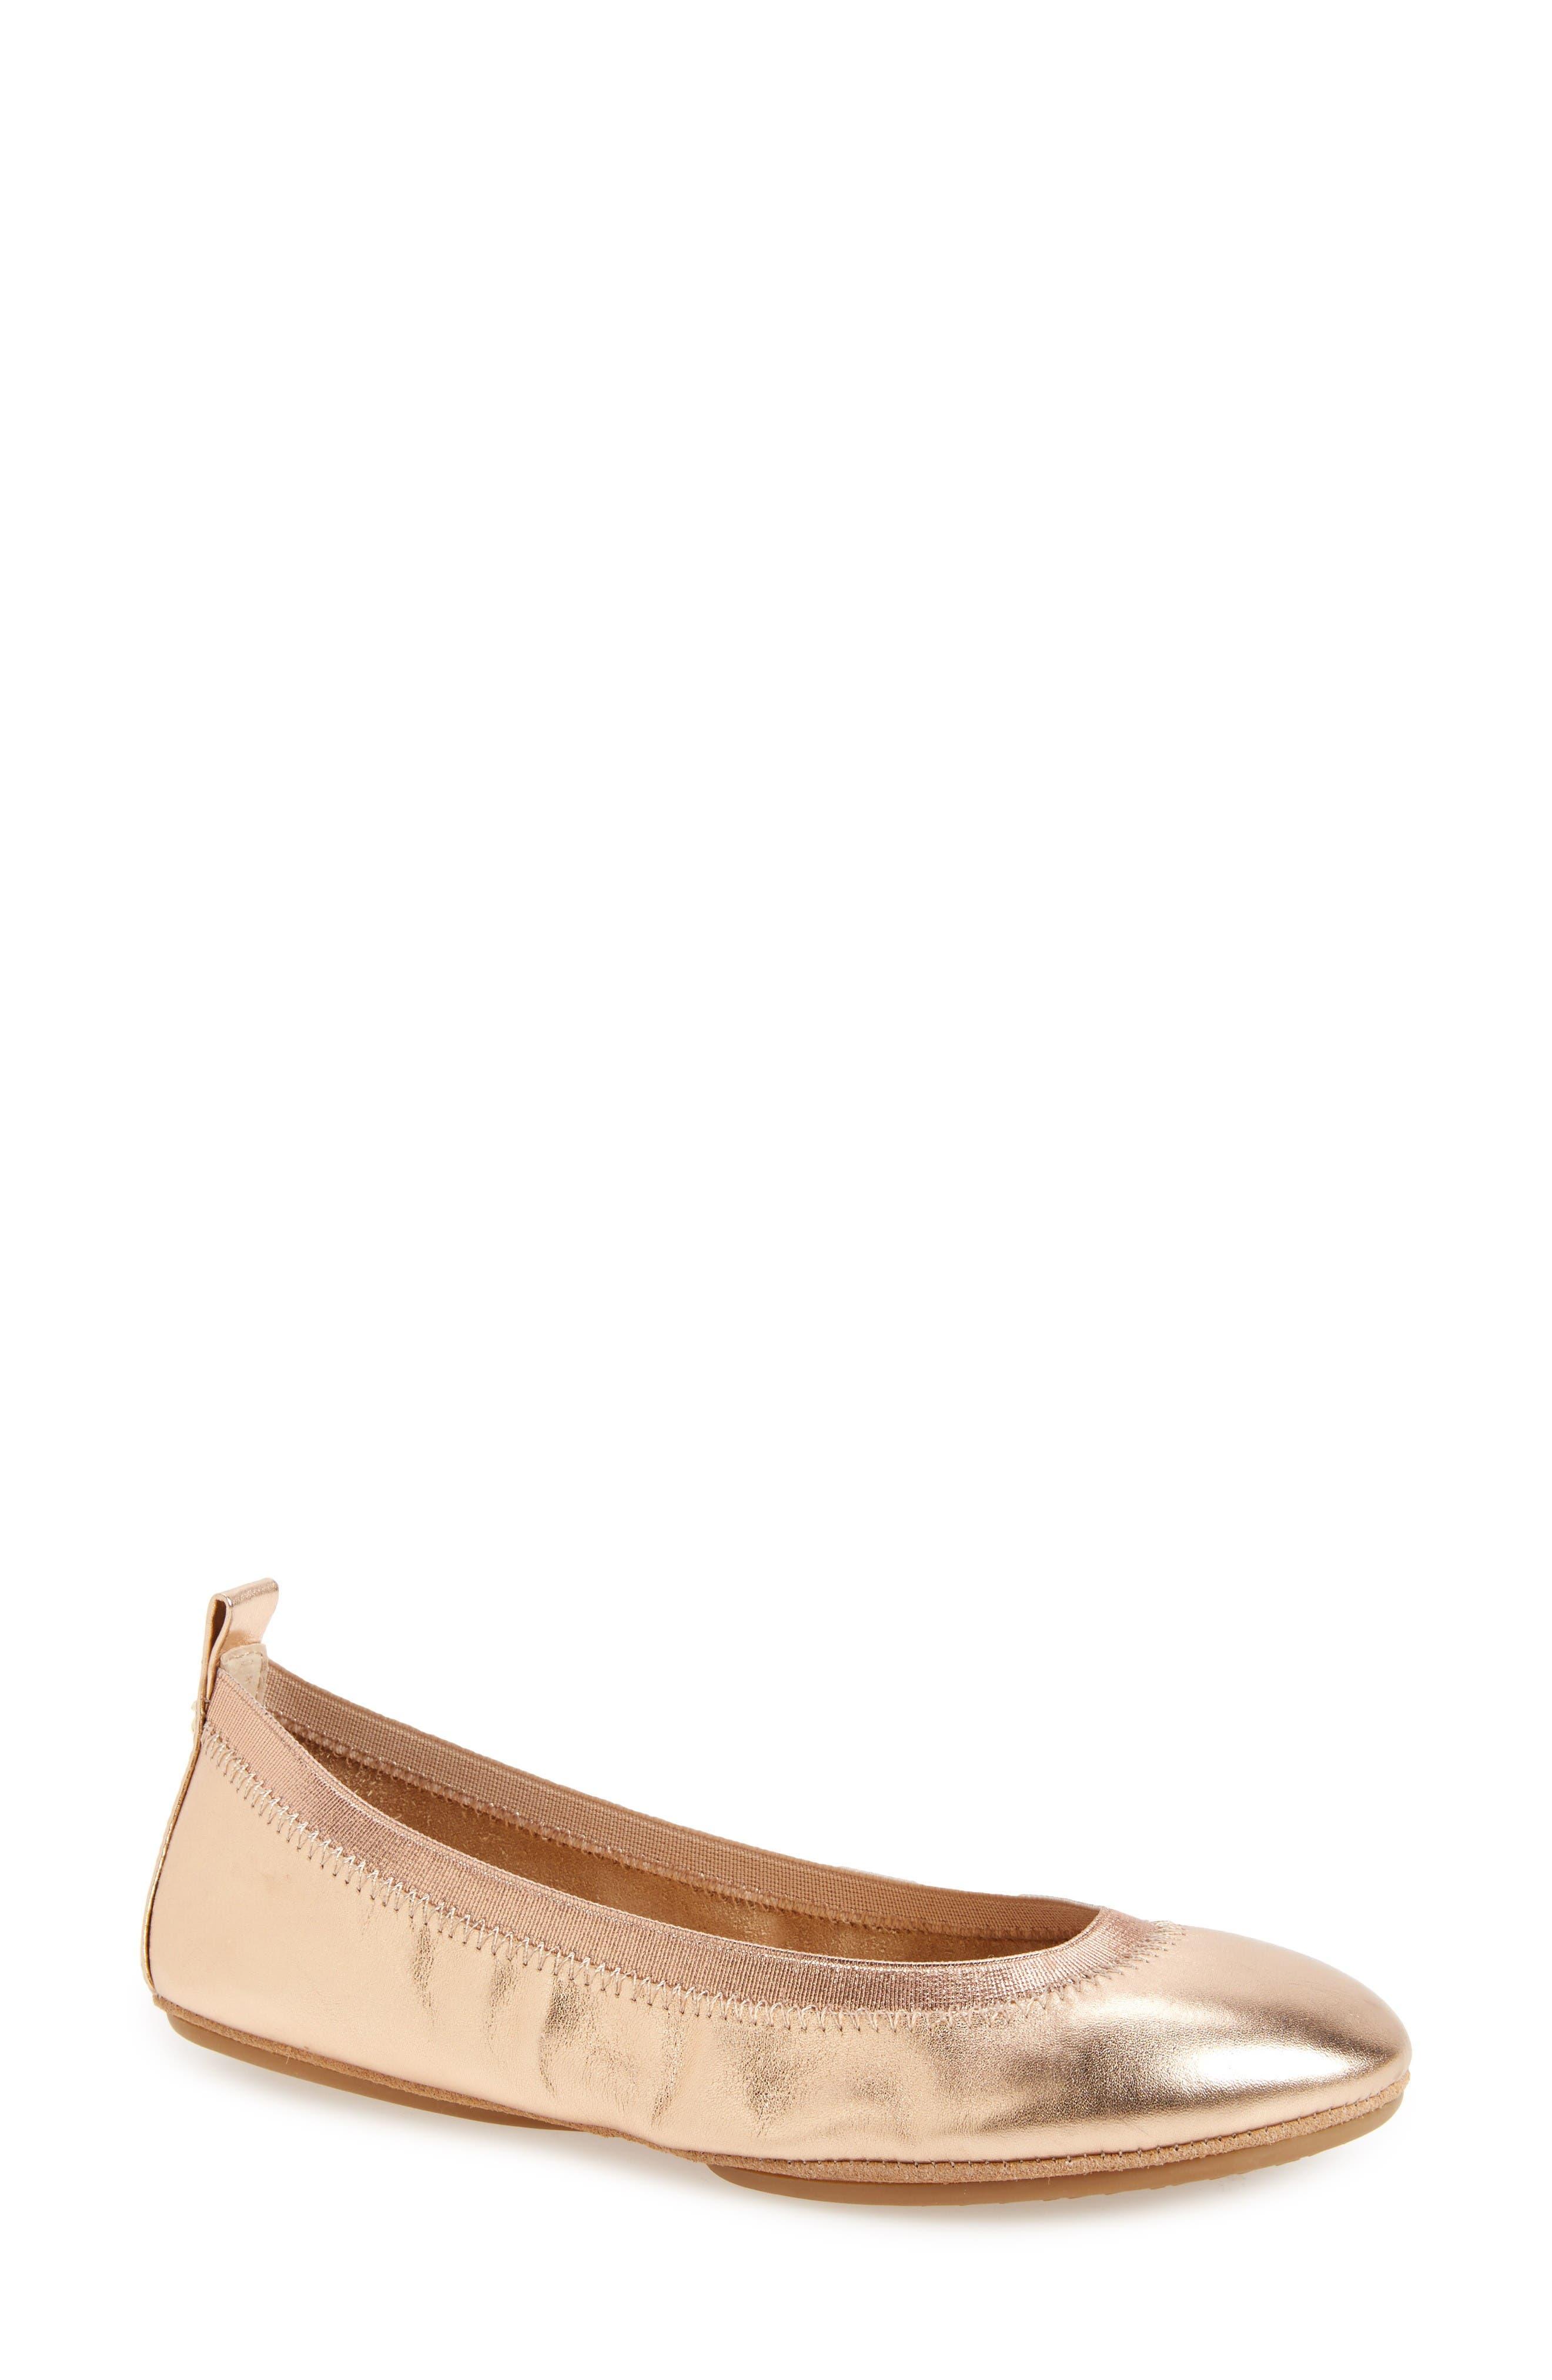 YOSI SAMRA Samara 2.0 Foldable Ballet Flat in Rose Gold Leather